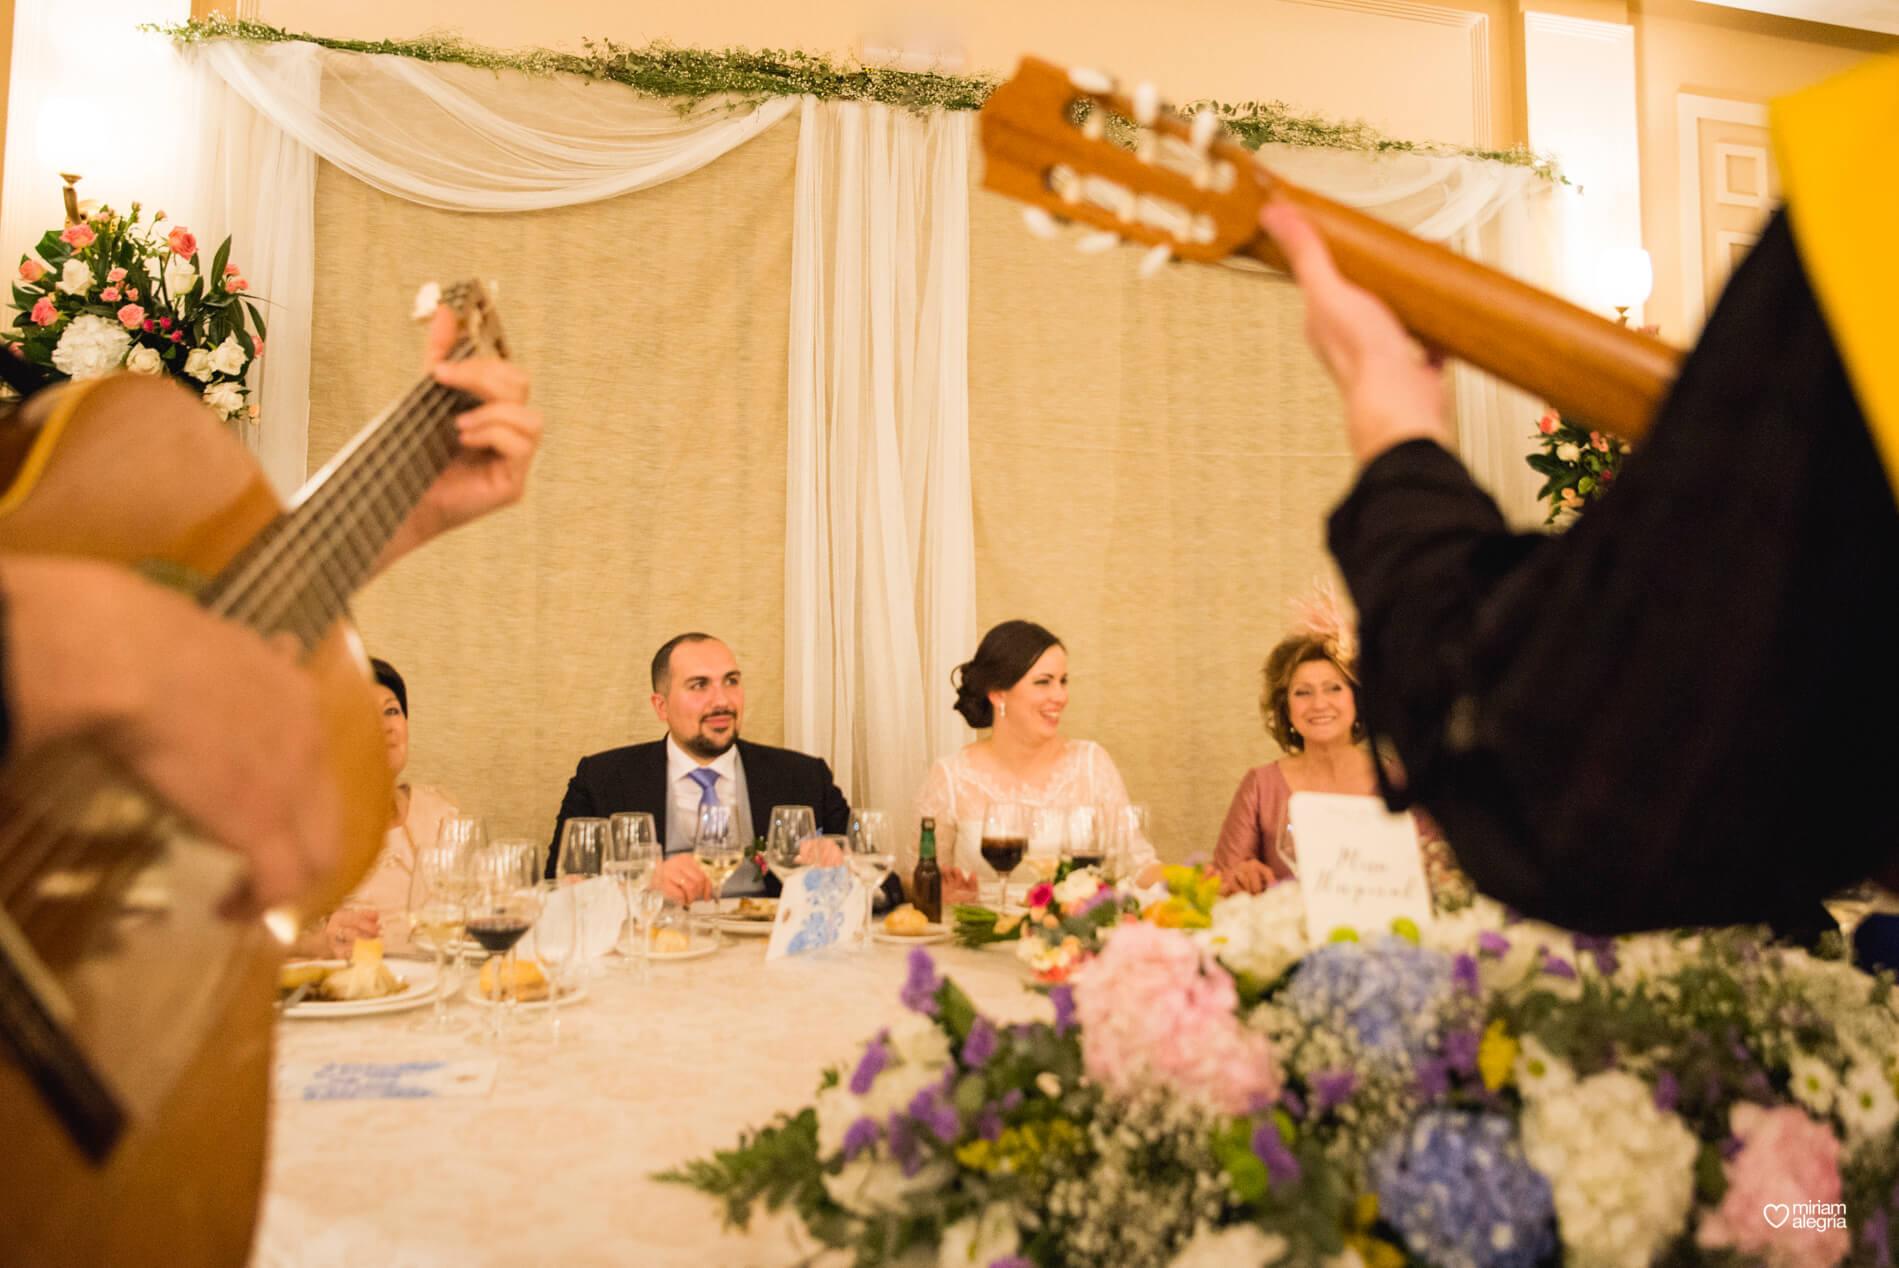 boda-en-el-rincon-huertano-miriam-alegria-fotografos-boda-murcia-115